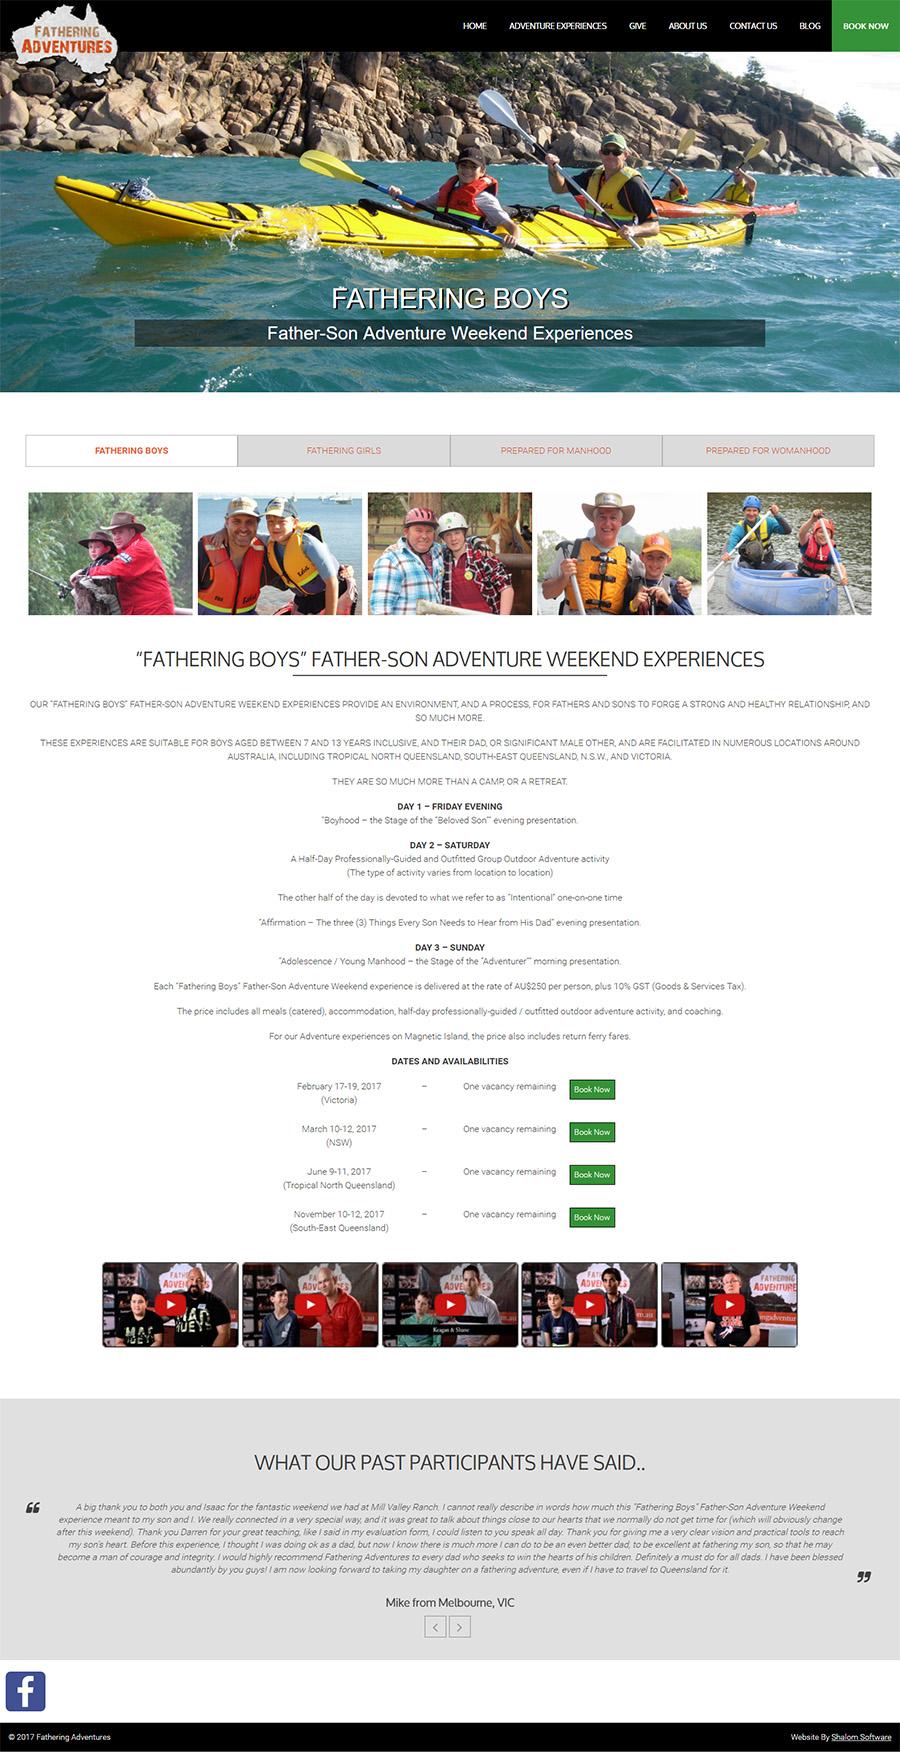 Fathering Adventures Website Screenshot